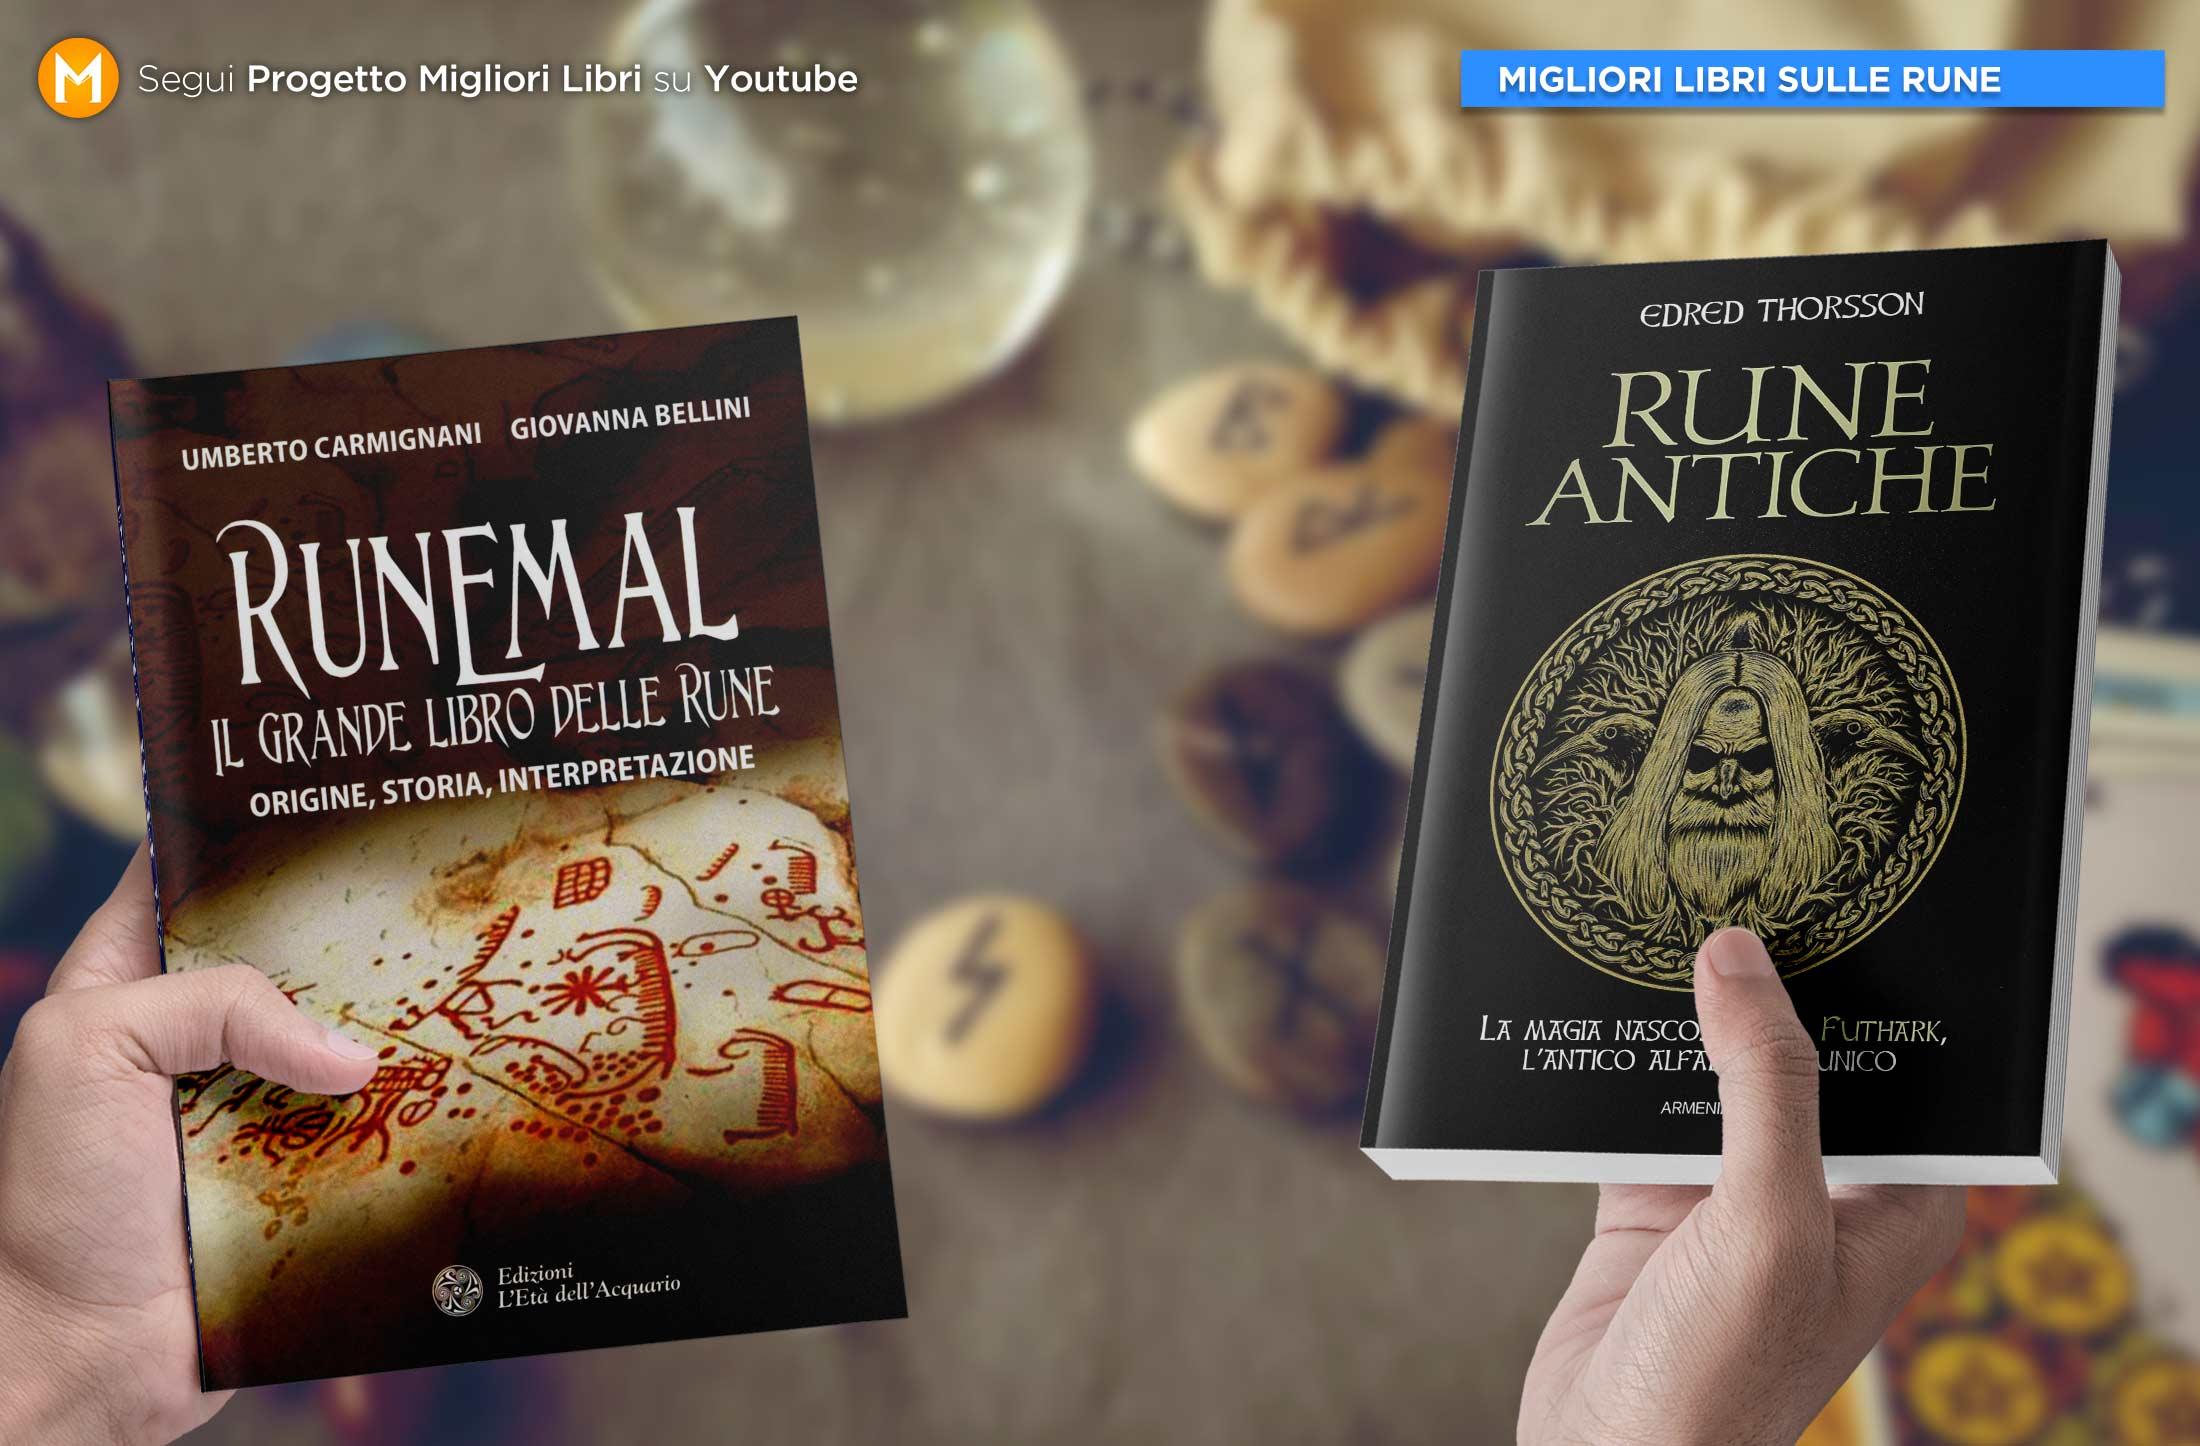 migliori-libri-sulle-rune